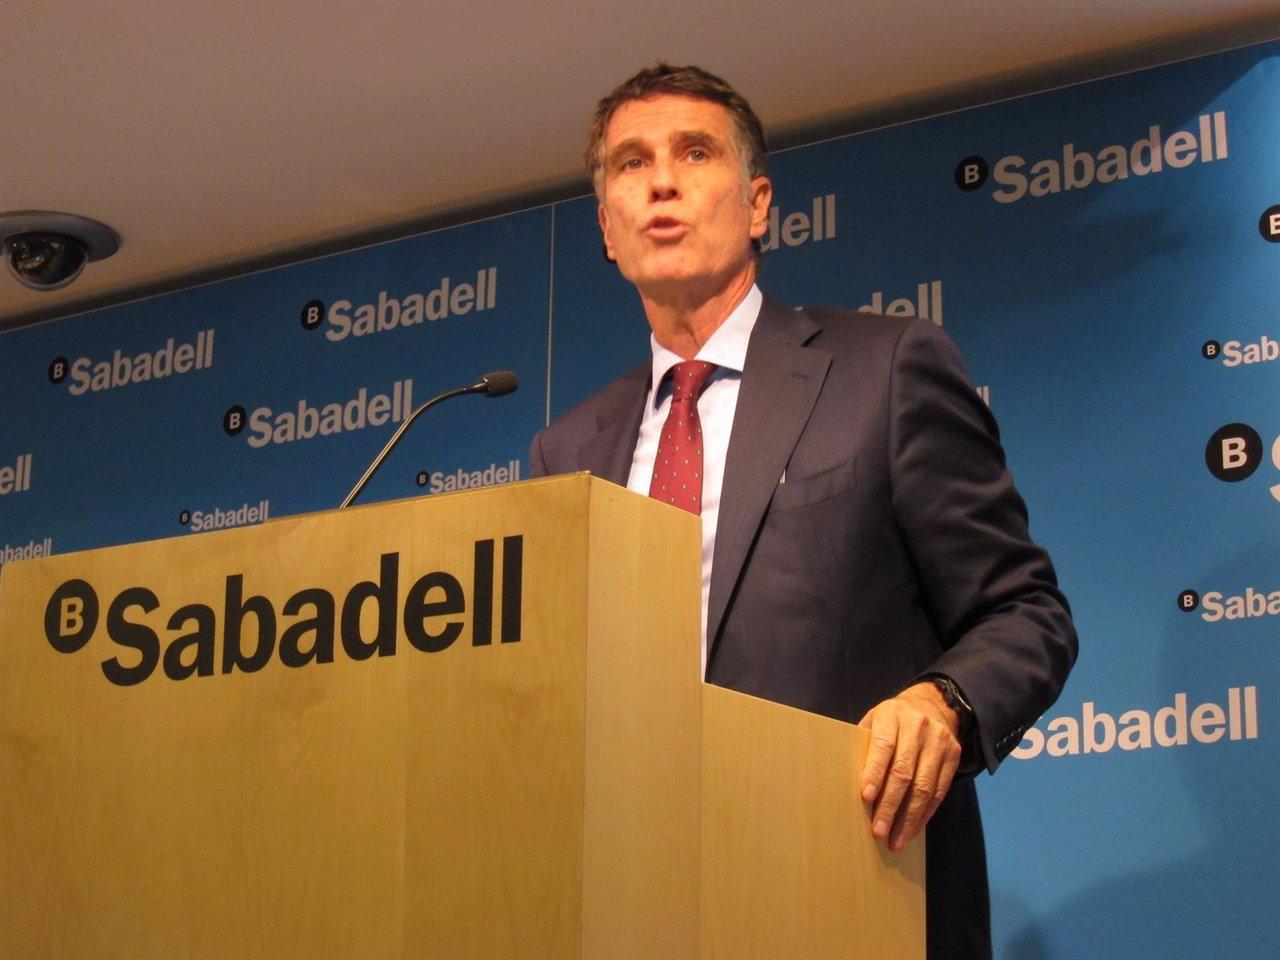 El Consejero Delegado De Banco Sabadell Jaume Guardiola